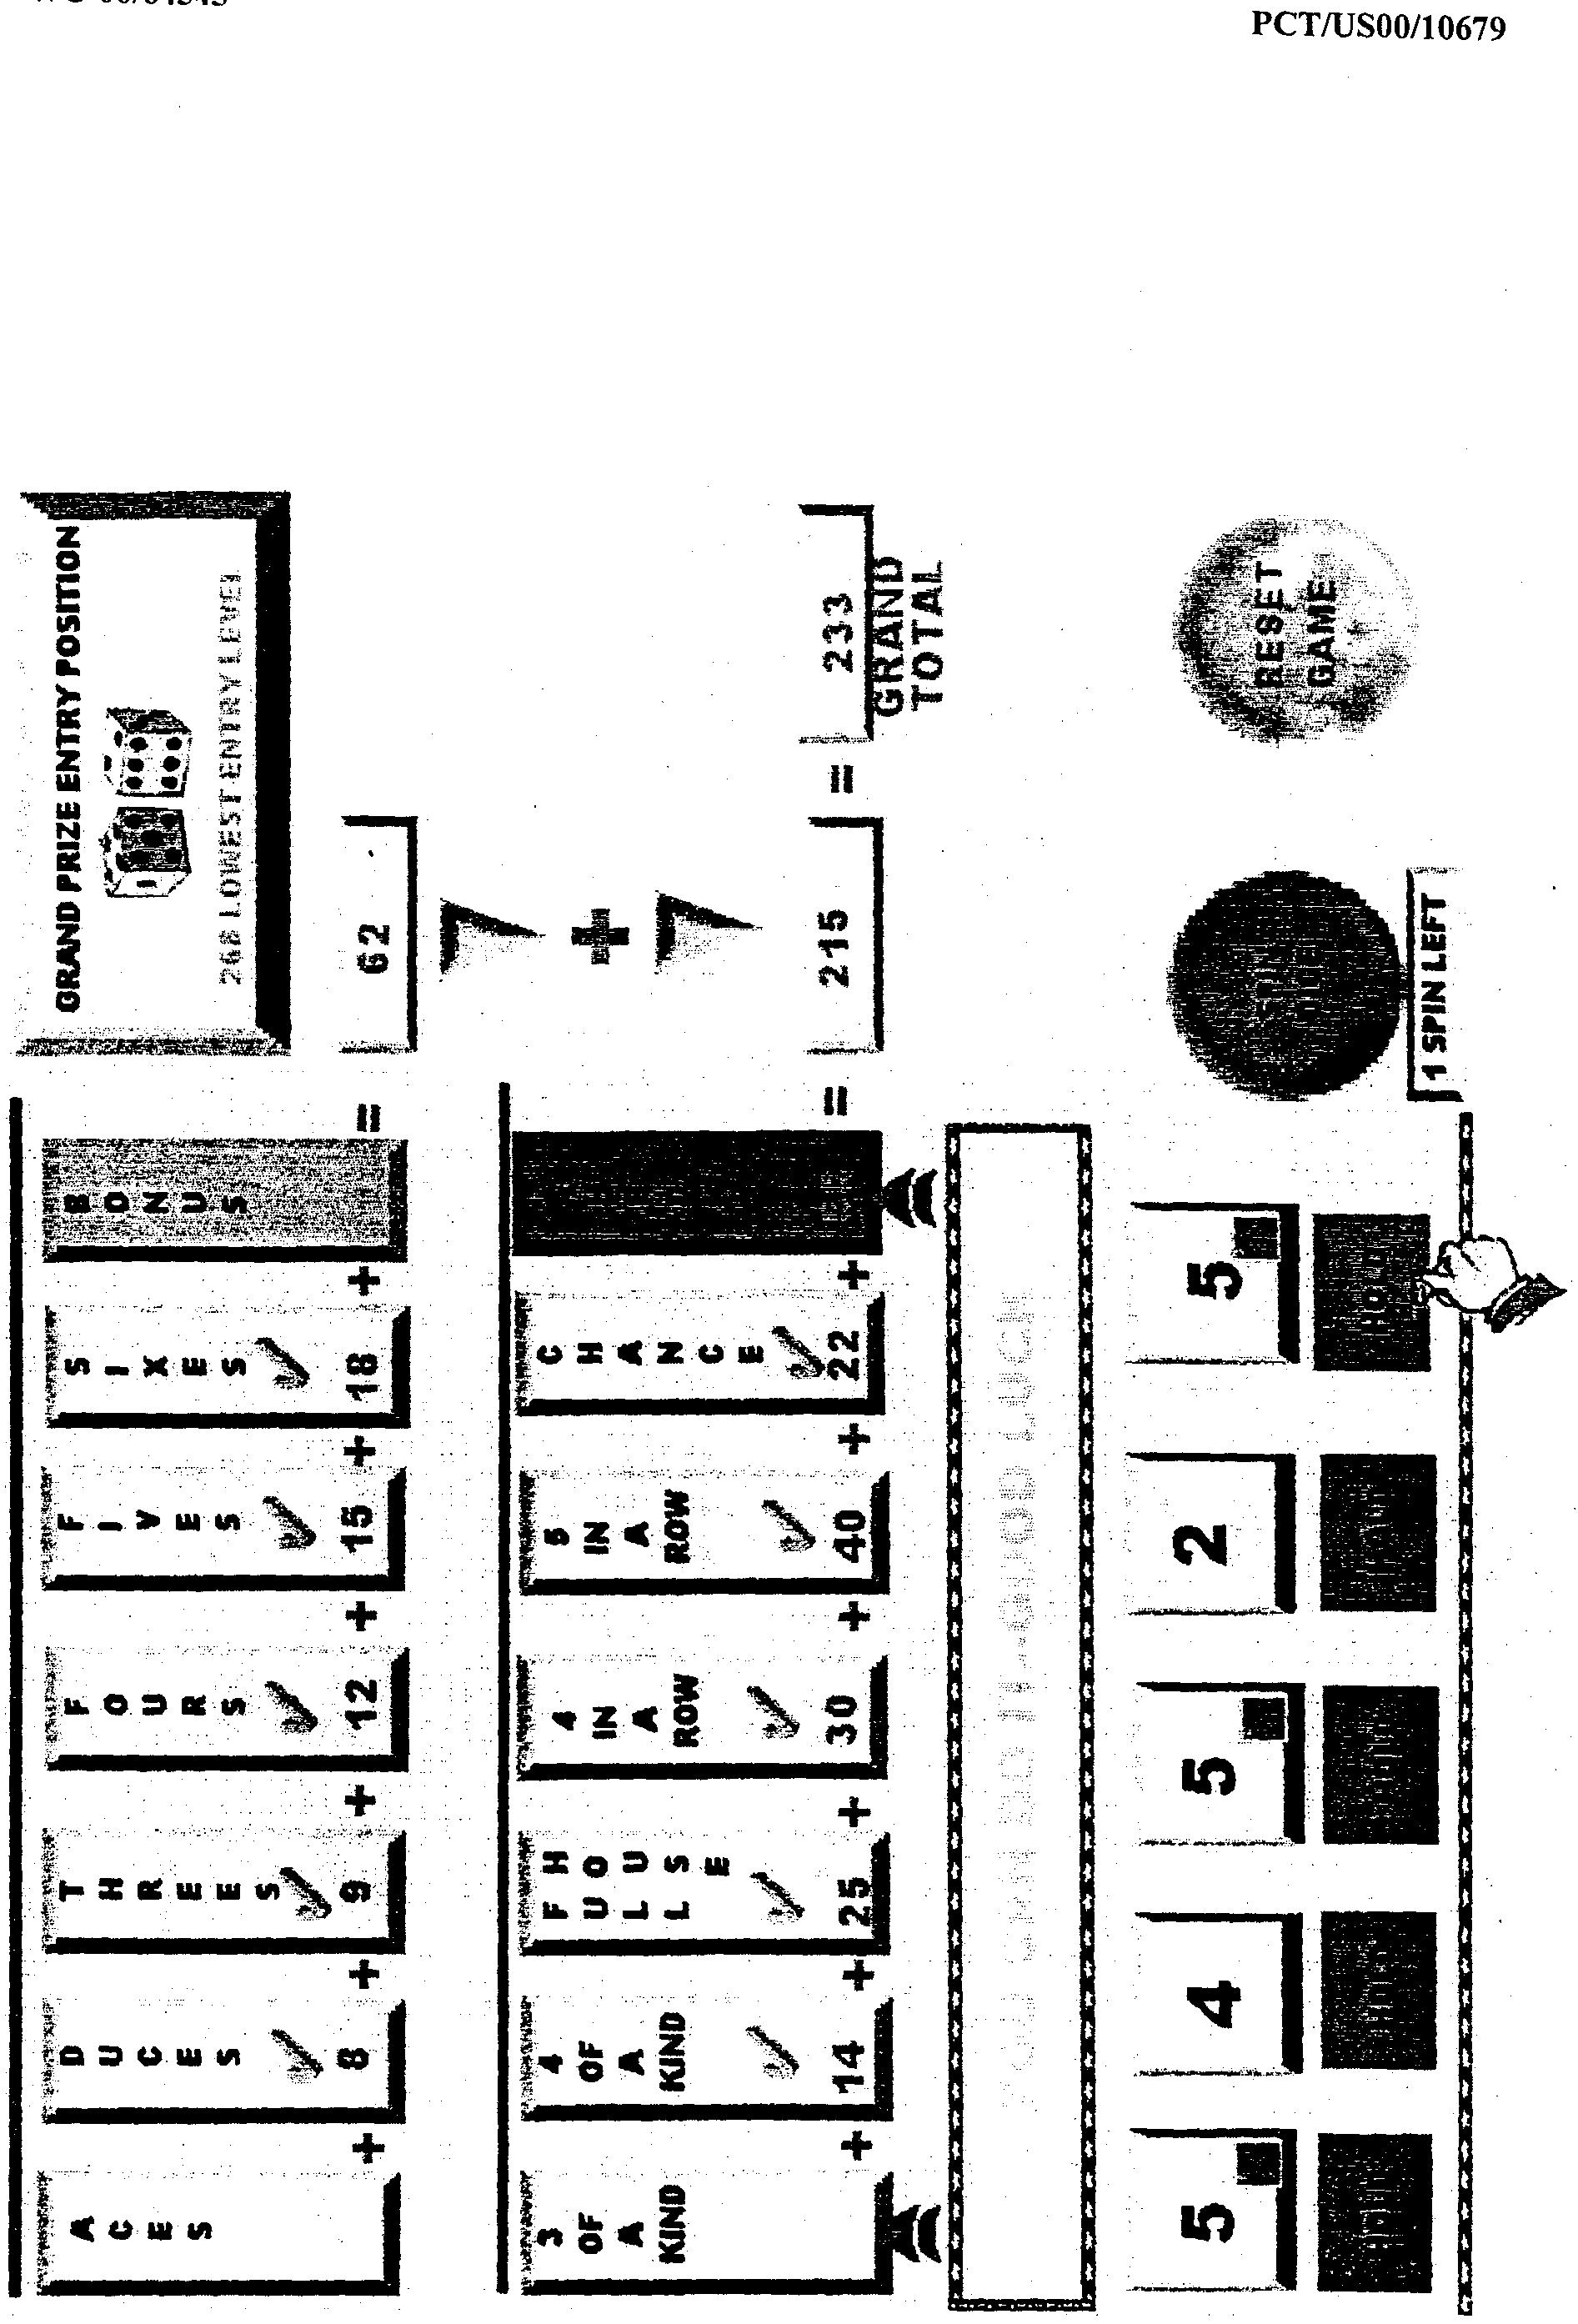 Figure imgf000096_0001